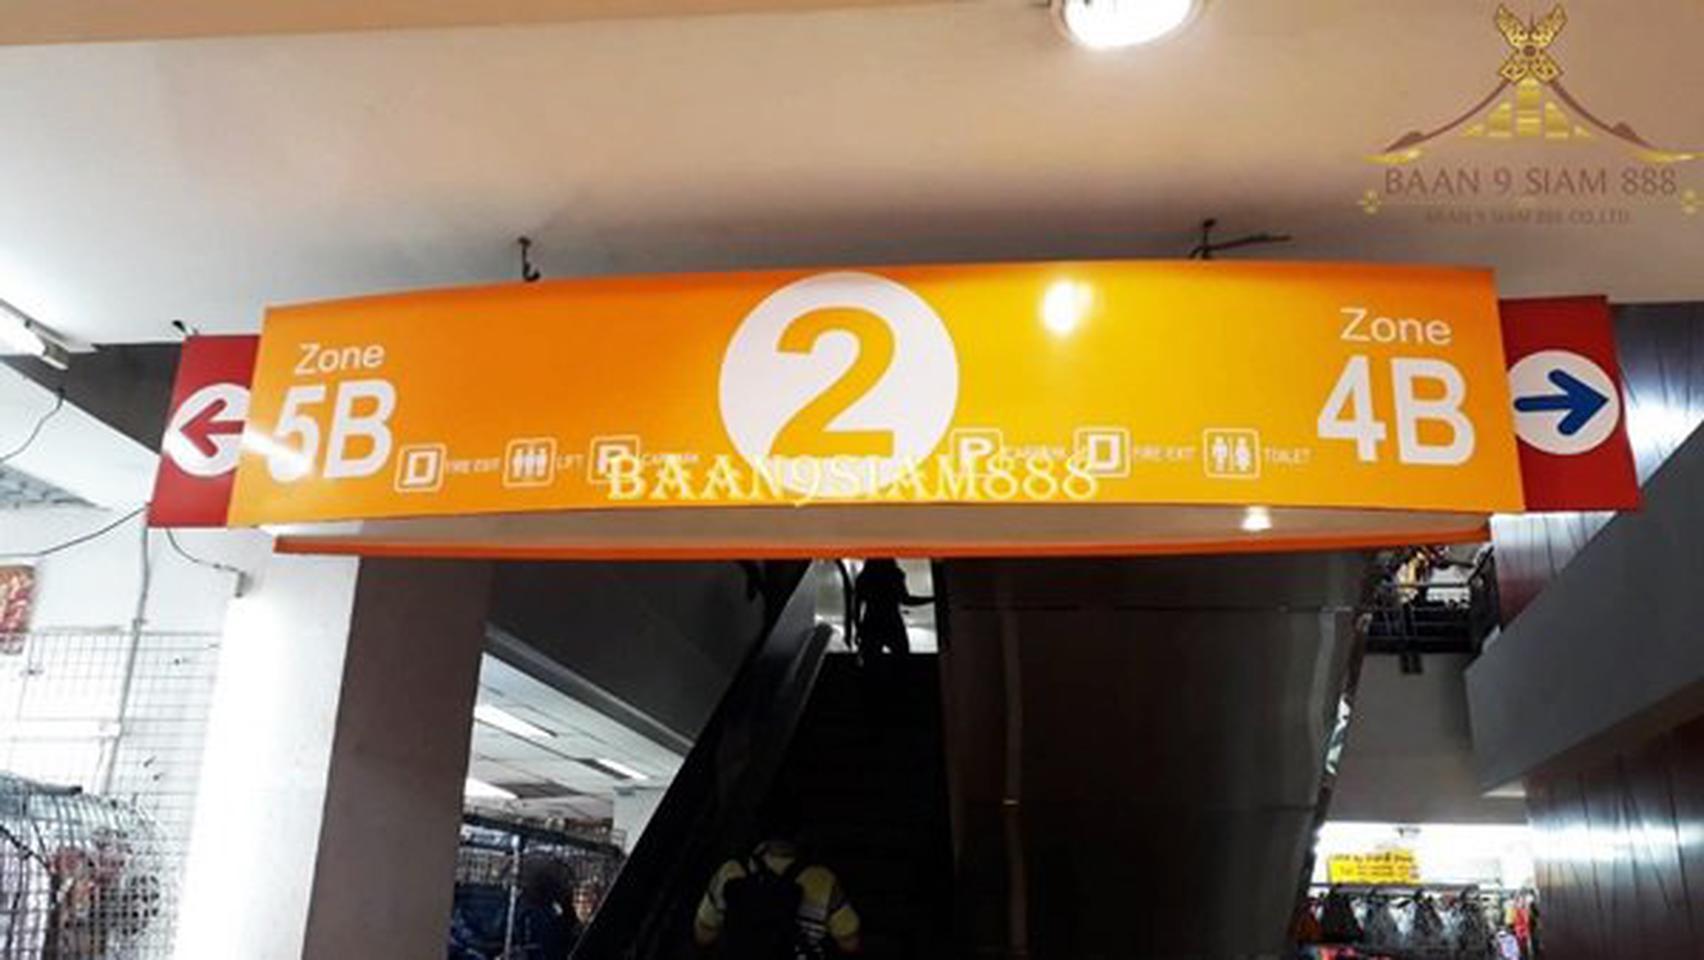 ร้านค้าโบ๊เบ๊ทาวเวอร์2 ชั้น2 รูปที่ 6